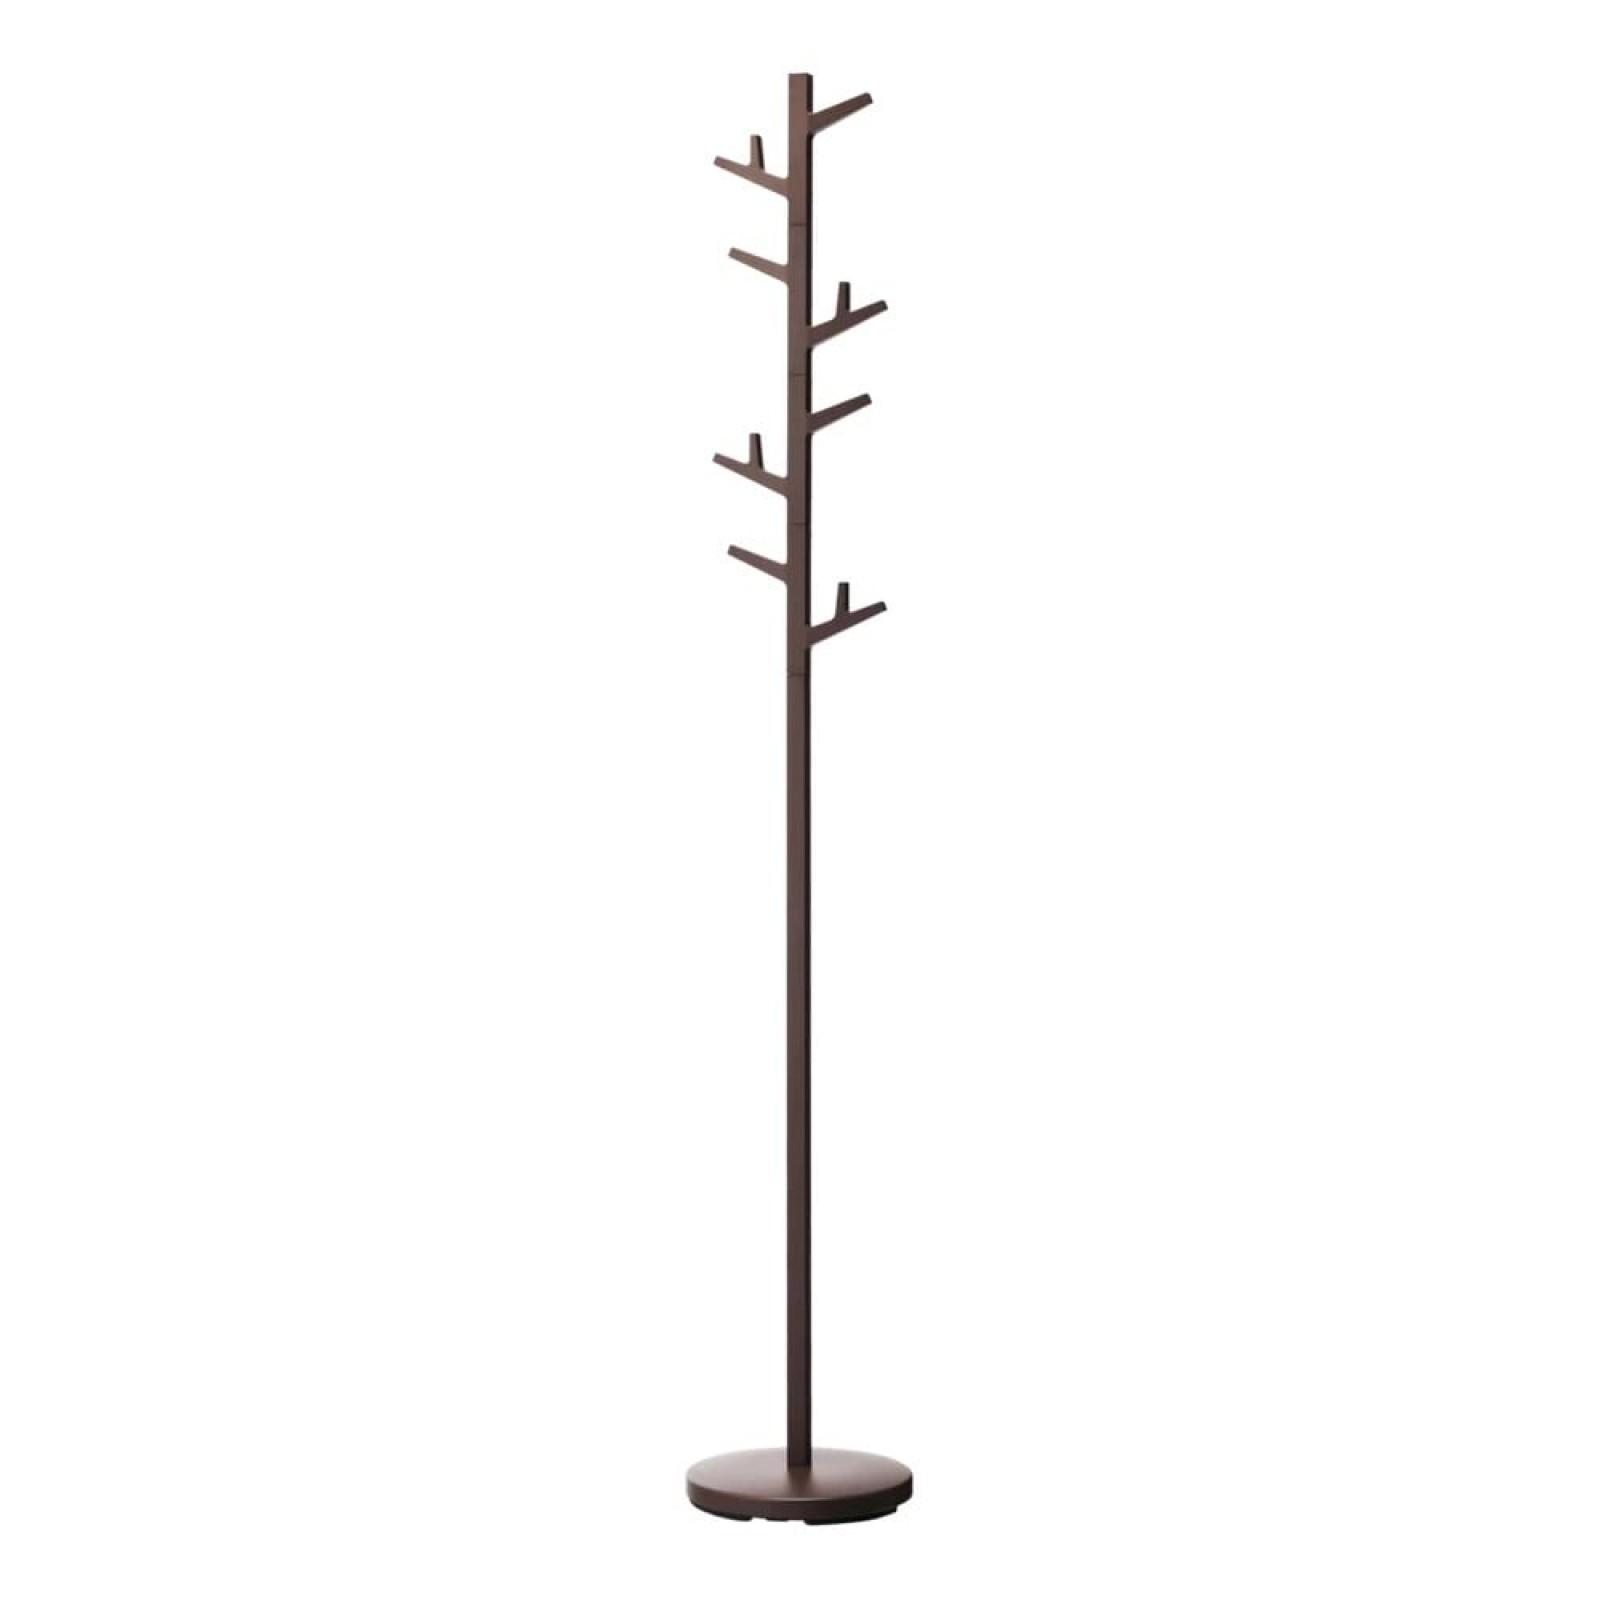 Branch Coat Rack (Brown) - Yamazaki